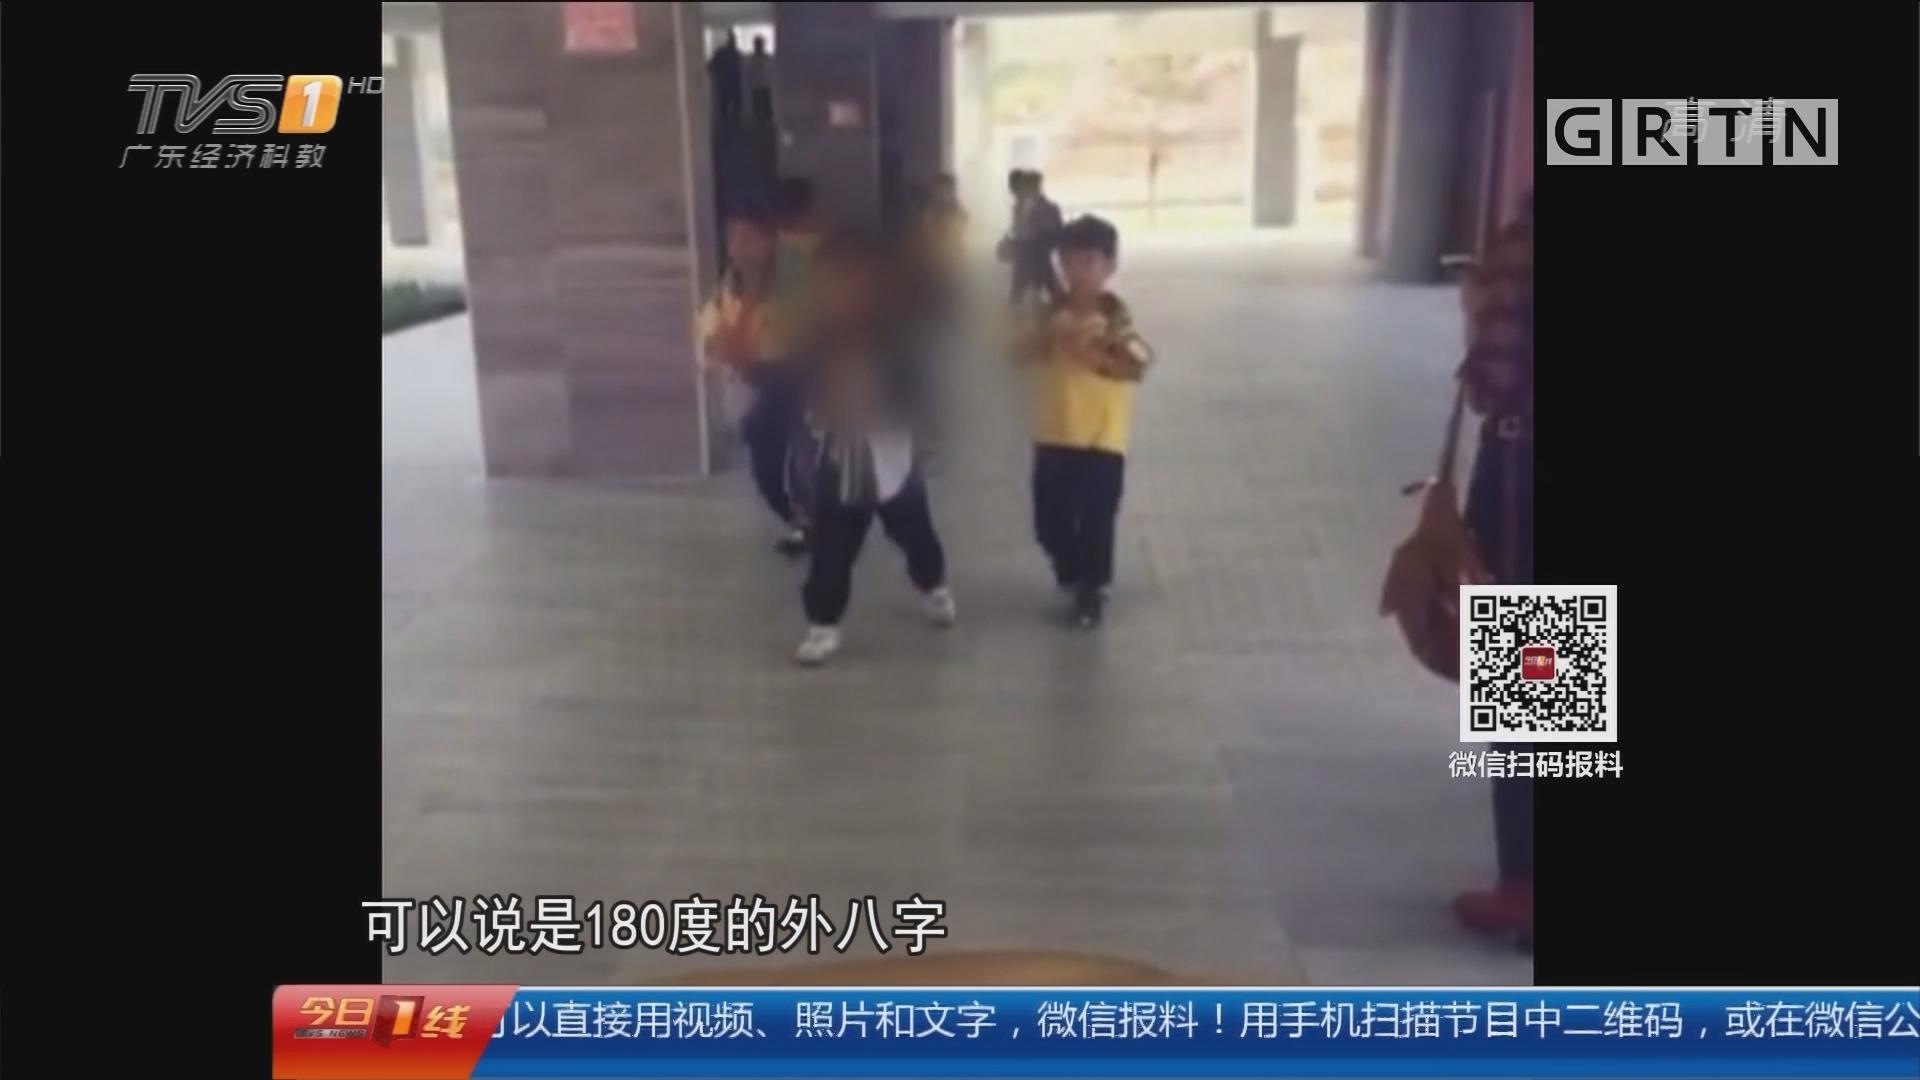 东莞:被同学踢下身 6岁男童睾丸受伤被摘除